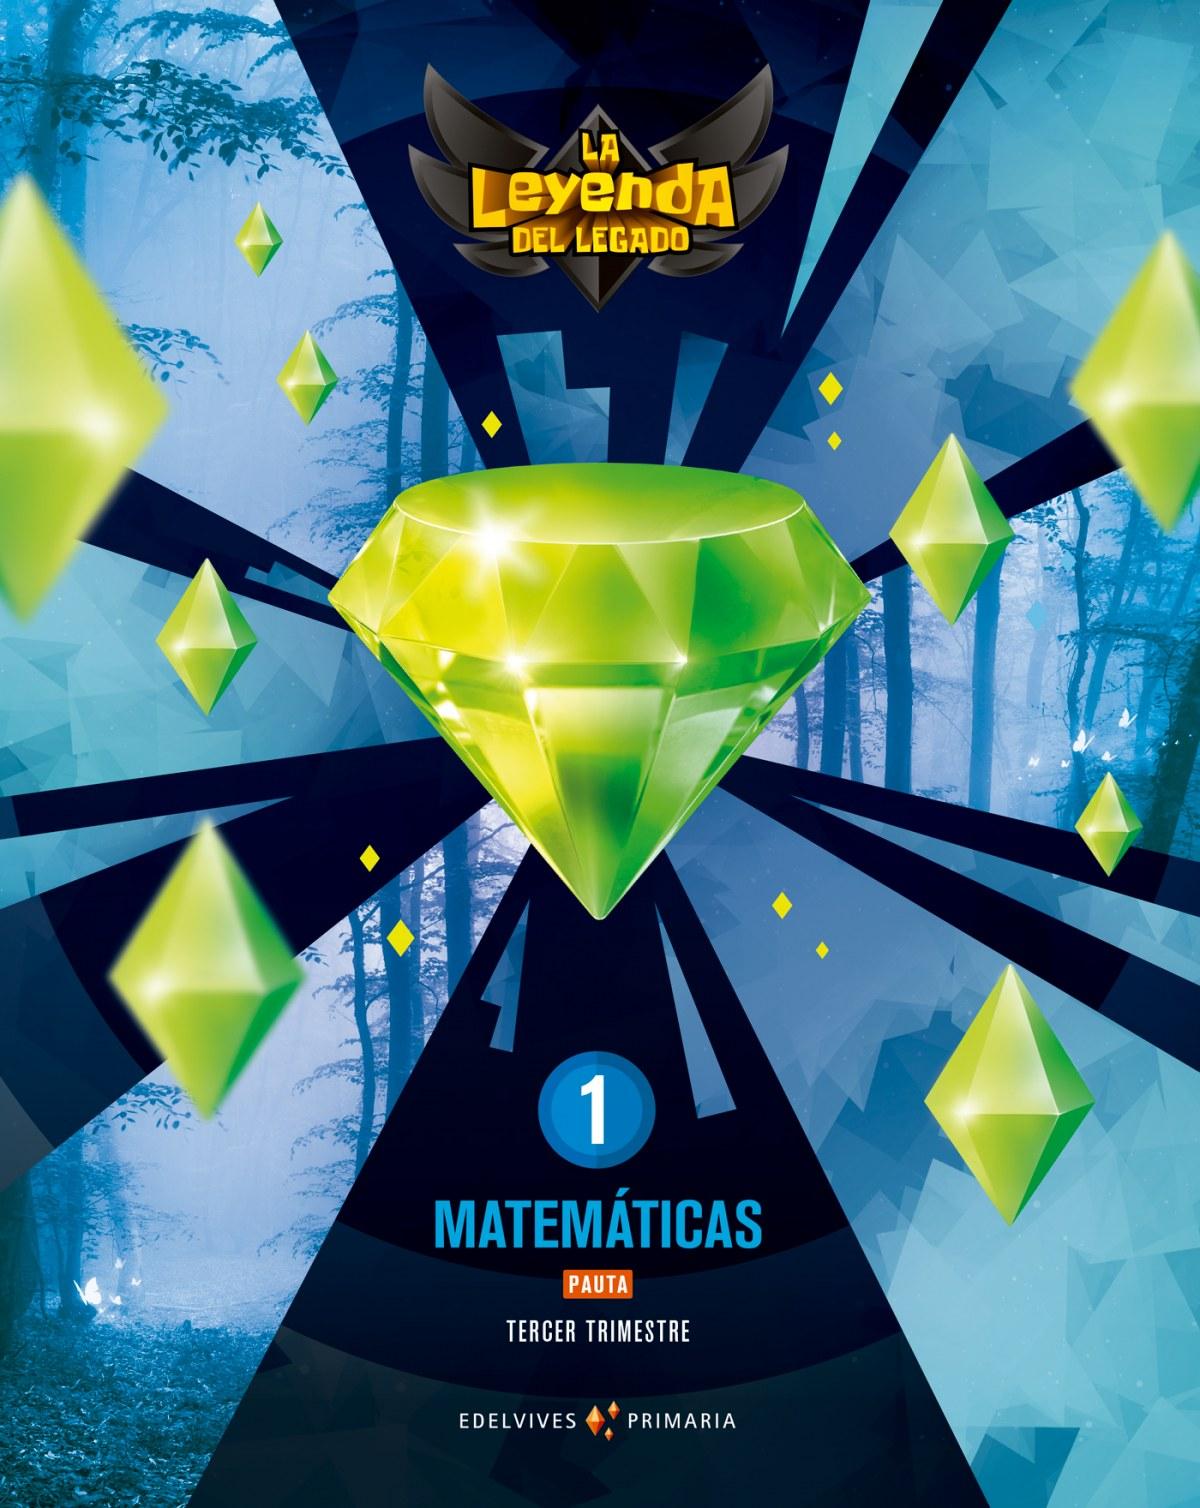 MATEMÁTICAS PAUTA 1o.PRIMARIA TRIMESTRAL. LA LEYENDA DEL LEGADO 2018 9788414013304